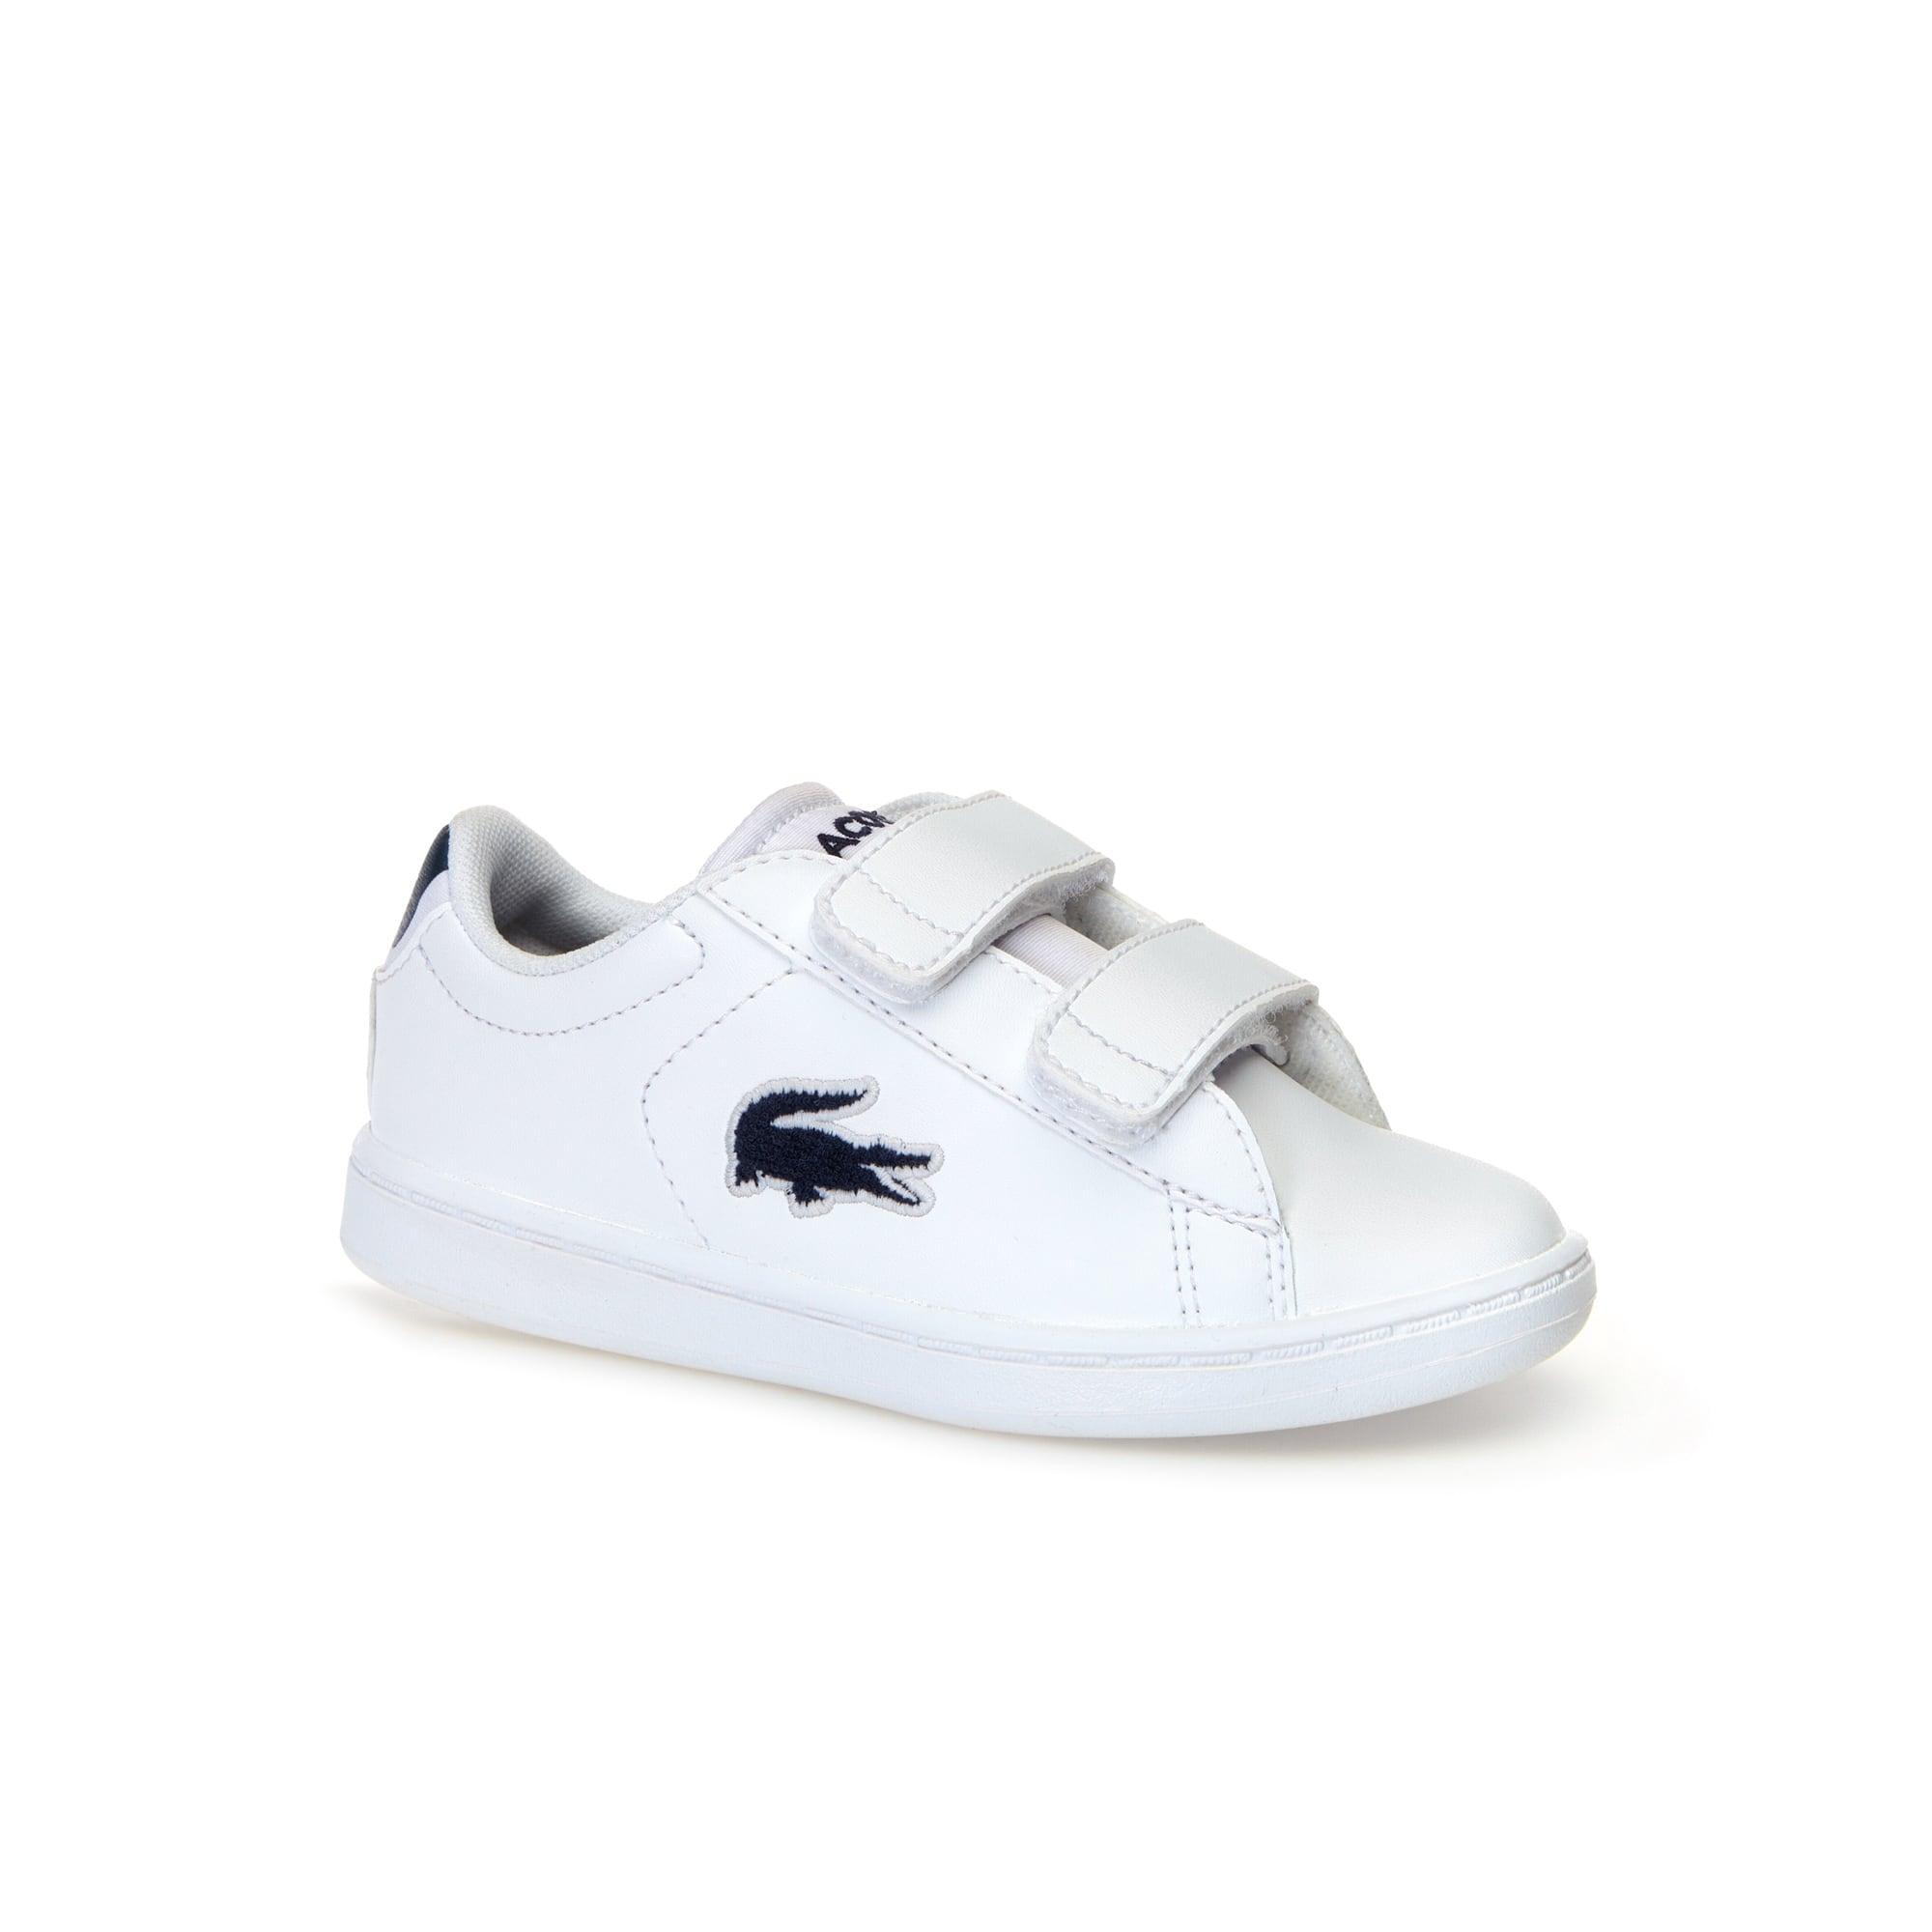 Zapatillas de niño Carnaby Evo de material sintético y textil con detalles en blanco